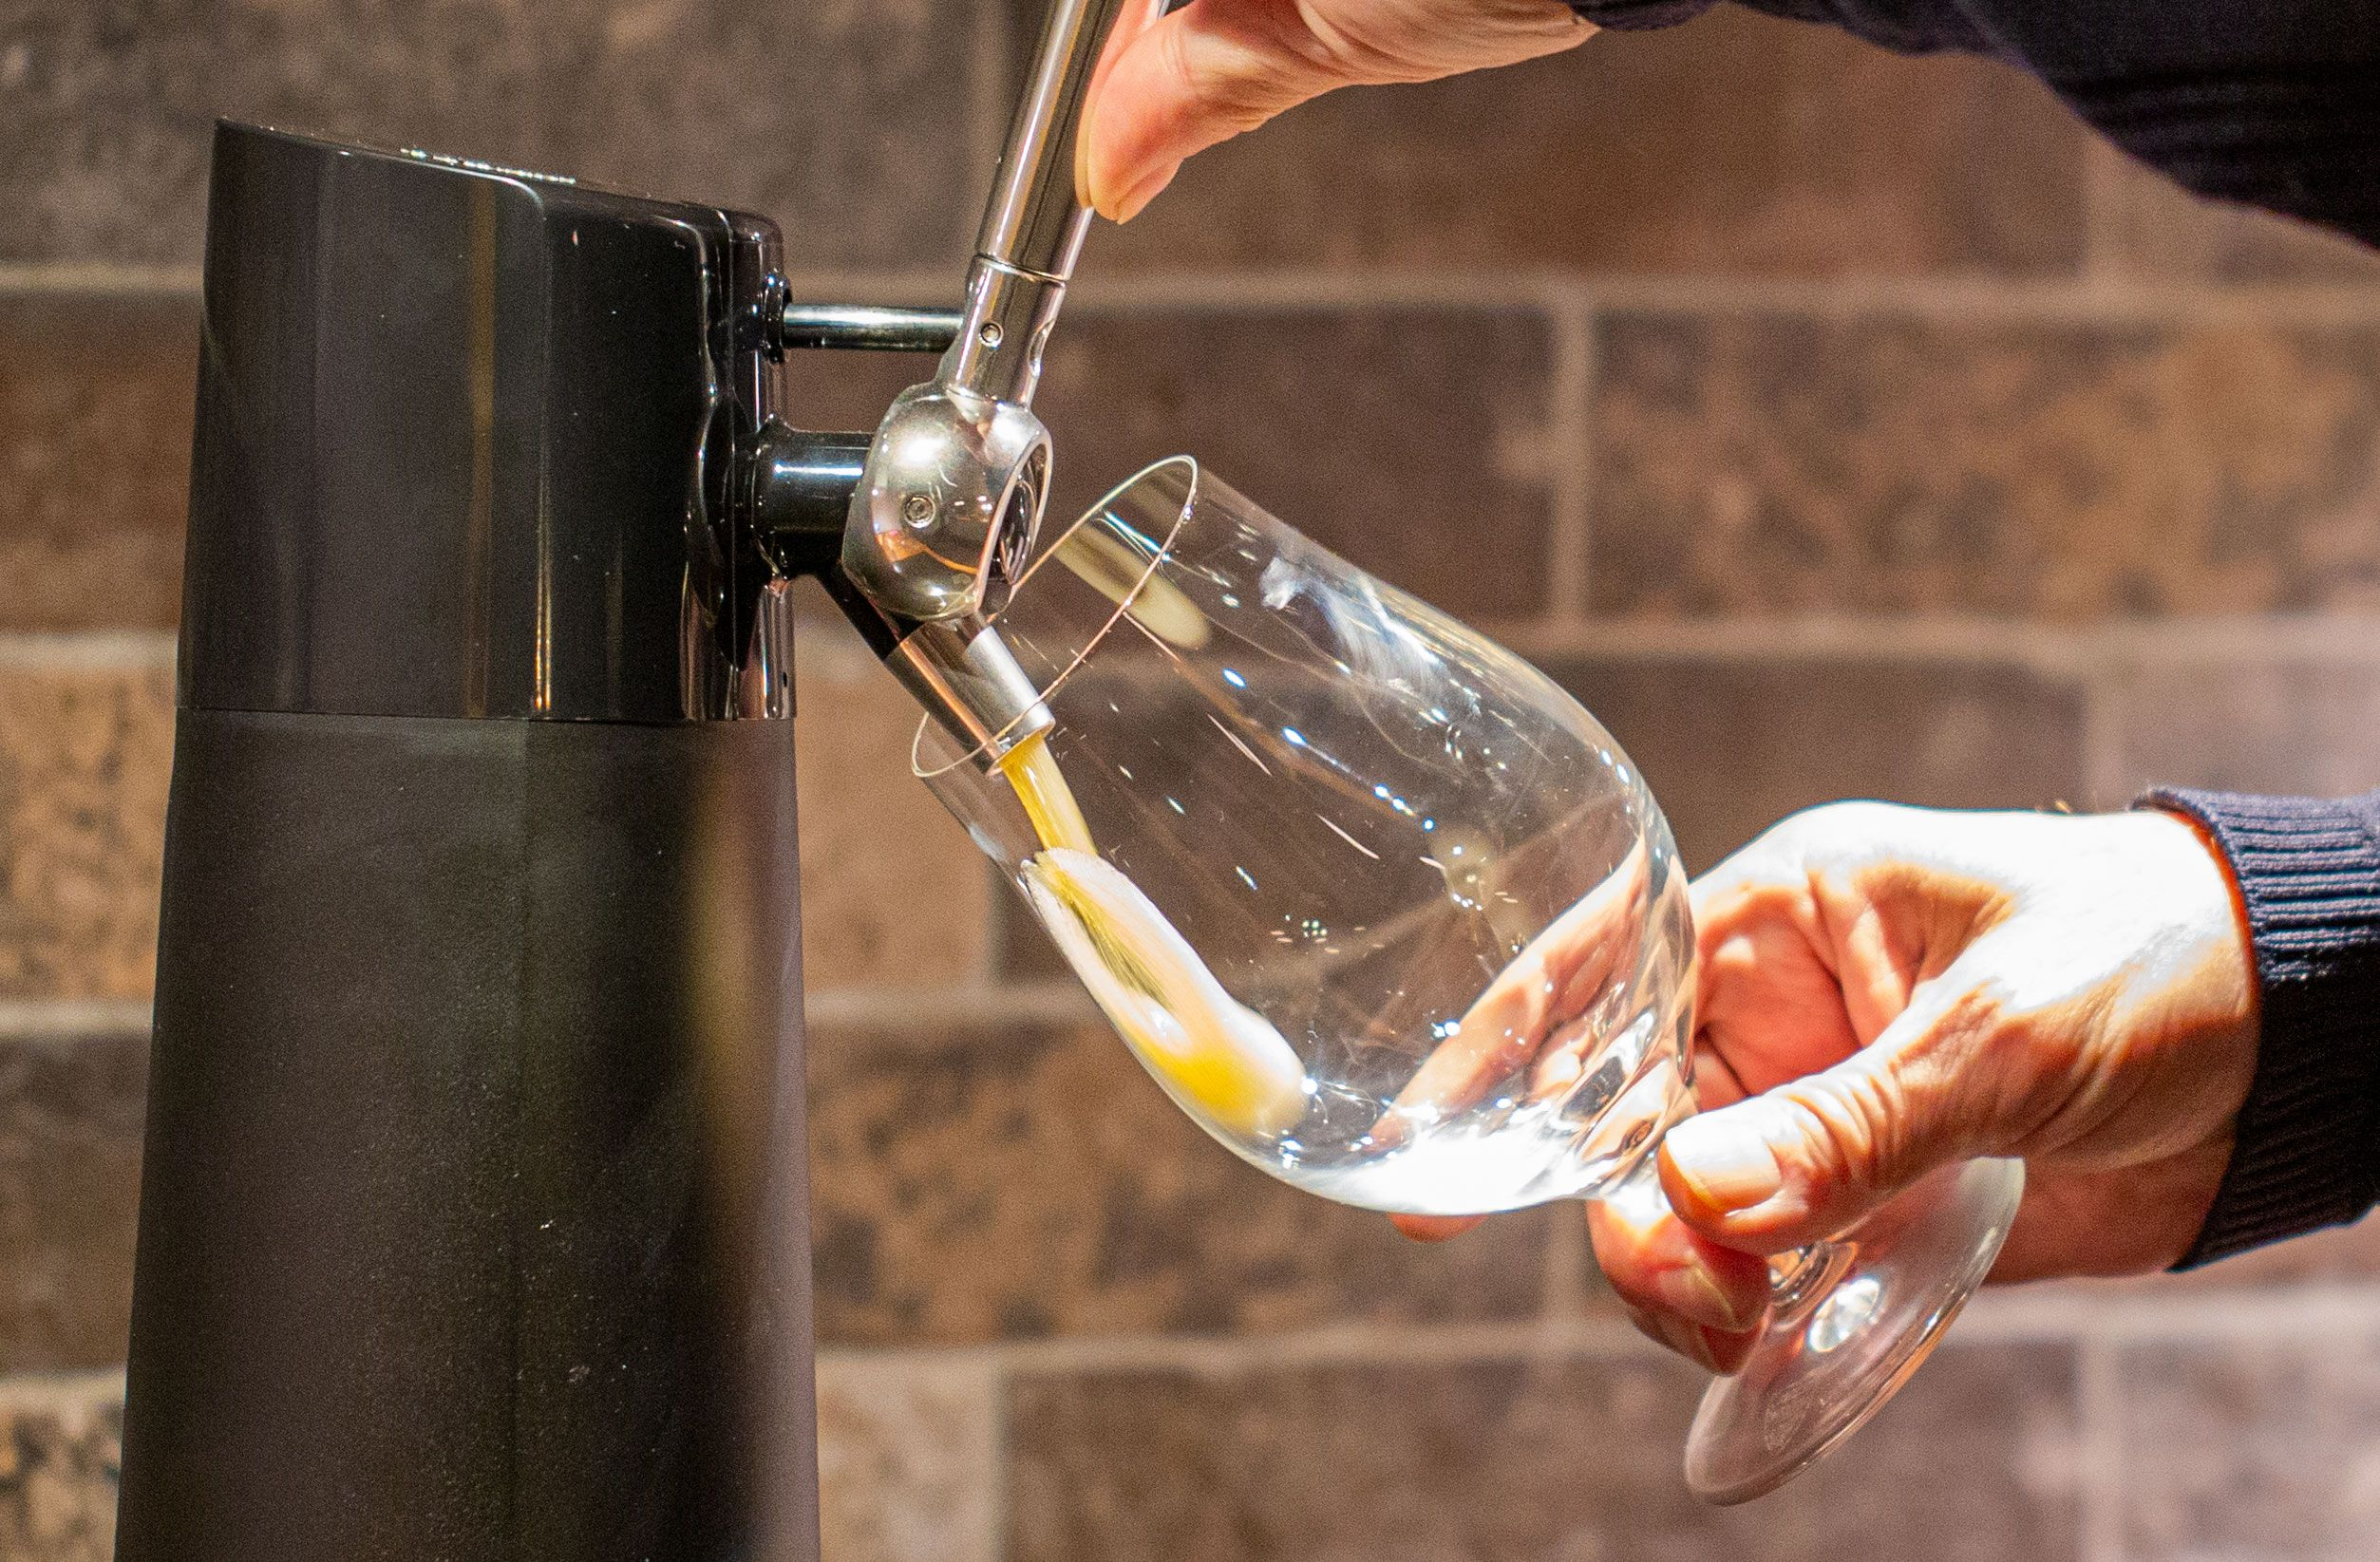 Med ølflasken på plass er det bare å ta tak i håndtaket og dra. Det tar gjerne et sekund før ølen begynner å piple ut fra kranen.